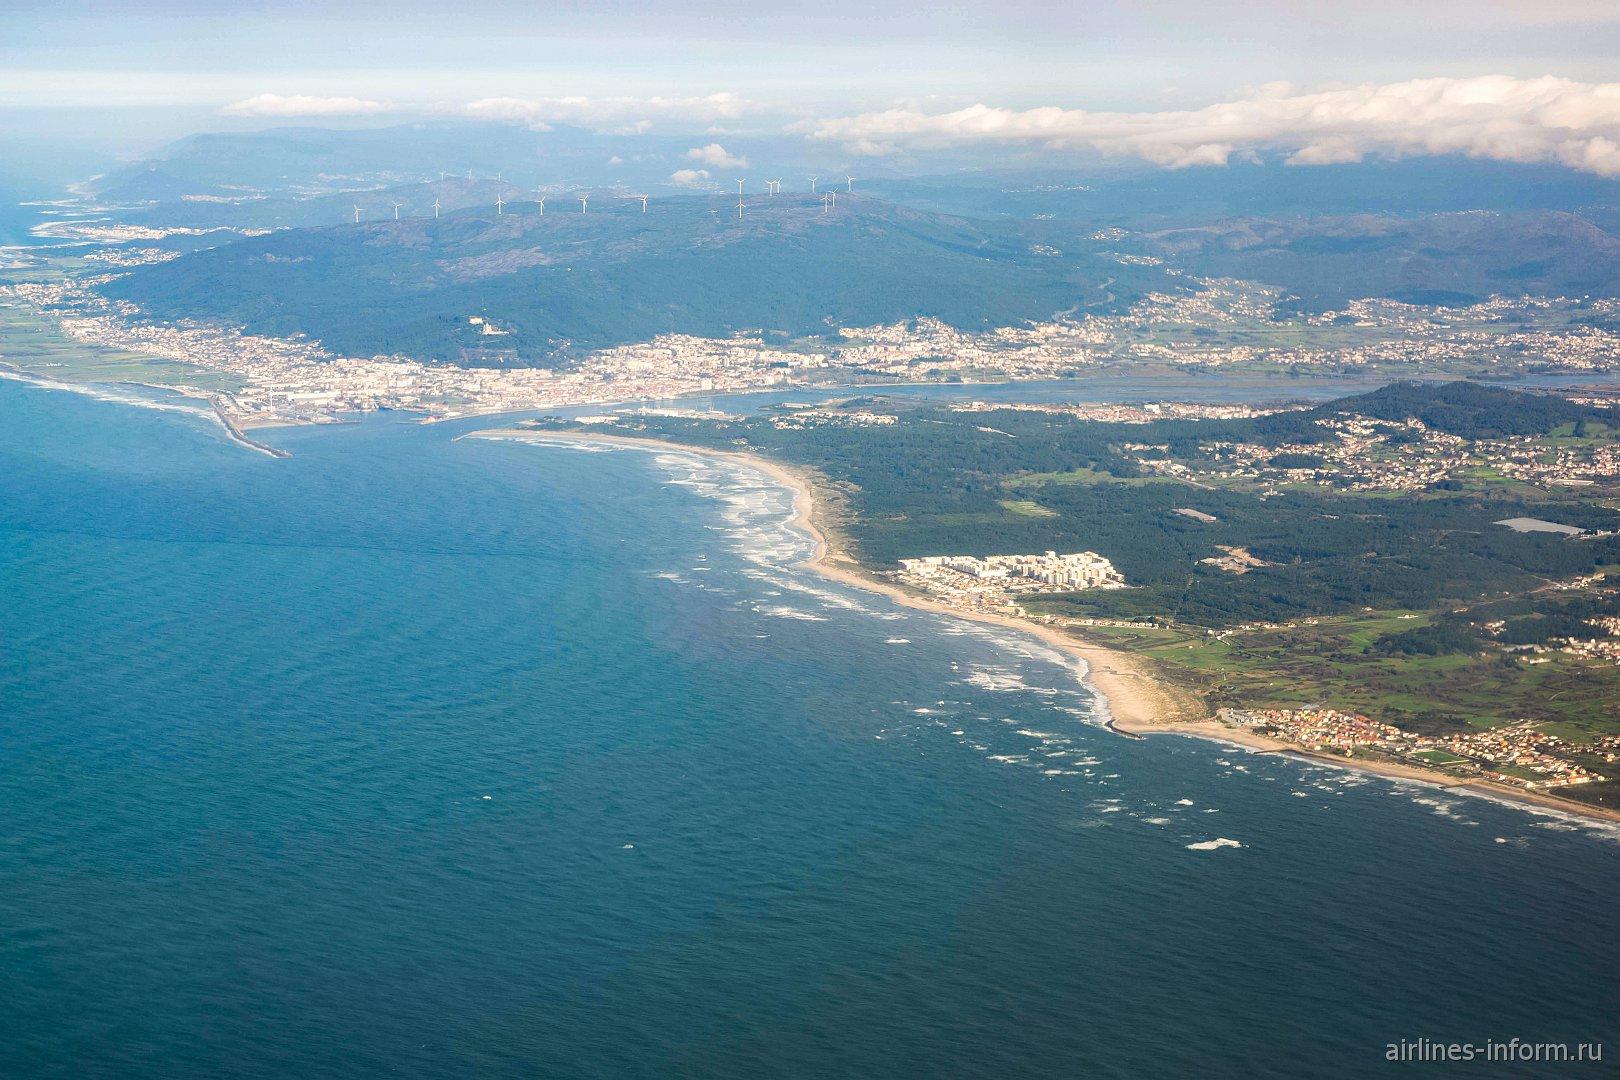 Прибрежный городок Виана-ду-Каштелу в Португалии